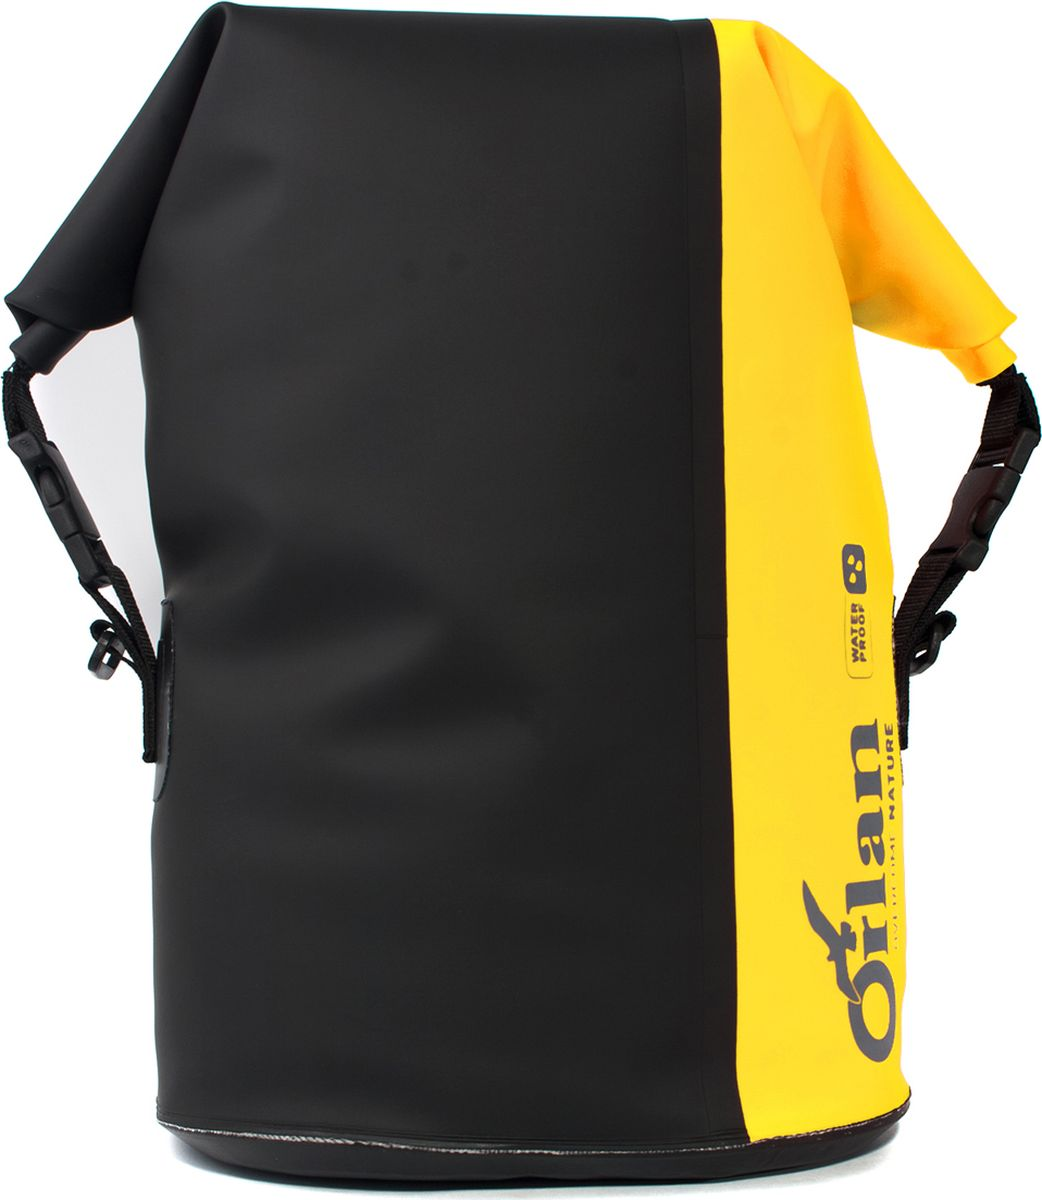 Сумка велосипедная Orlan Экстрим, герметичная, цвет: желтый, 30 лGV12B101P101L15B2Комплект состоит из 2-х сумок (правая, лева я).Вместительные, яркие , герметичные велосумки серии Экстрим.Удобные надежные крепления на багажник велосипеда при помощи крючков. Дополнительная фиксация клапаном и стяжка к средней стойки багажника . Яркий сигнальный цвет сумки сделает вас замене на дороге, для безопасной езды в ночное время - световозвращающий катафот.Имеют усиленное двуслойное дно сумки , жесткую вкладку с внутренней стороны для защиты от истирания. Легко моются. Используемые материалы: Сумка: Комбинация тканей ПВХ литая. Усиления дна и задней части: ПВХ 650 гр.